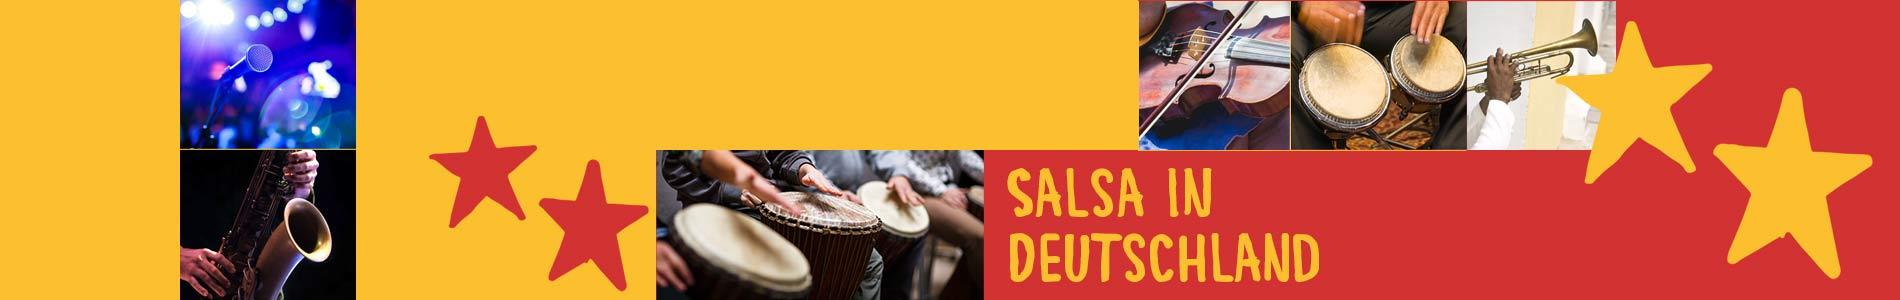 Salsa in Bubenreuth – Salsa lernen und tanzen, Tanzkurse, Partys, Veranstaltungen